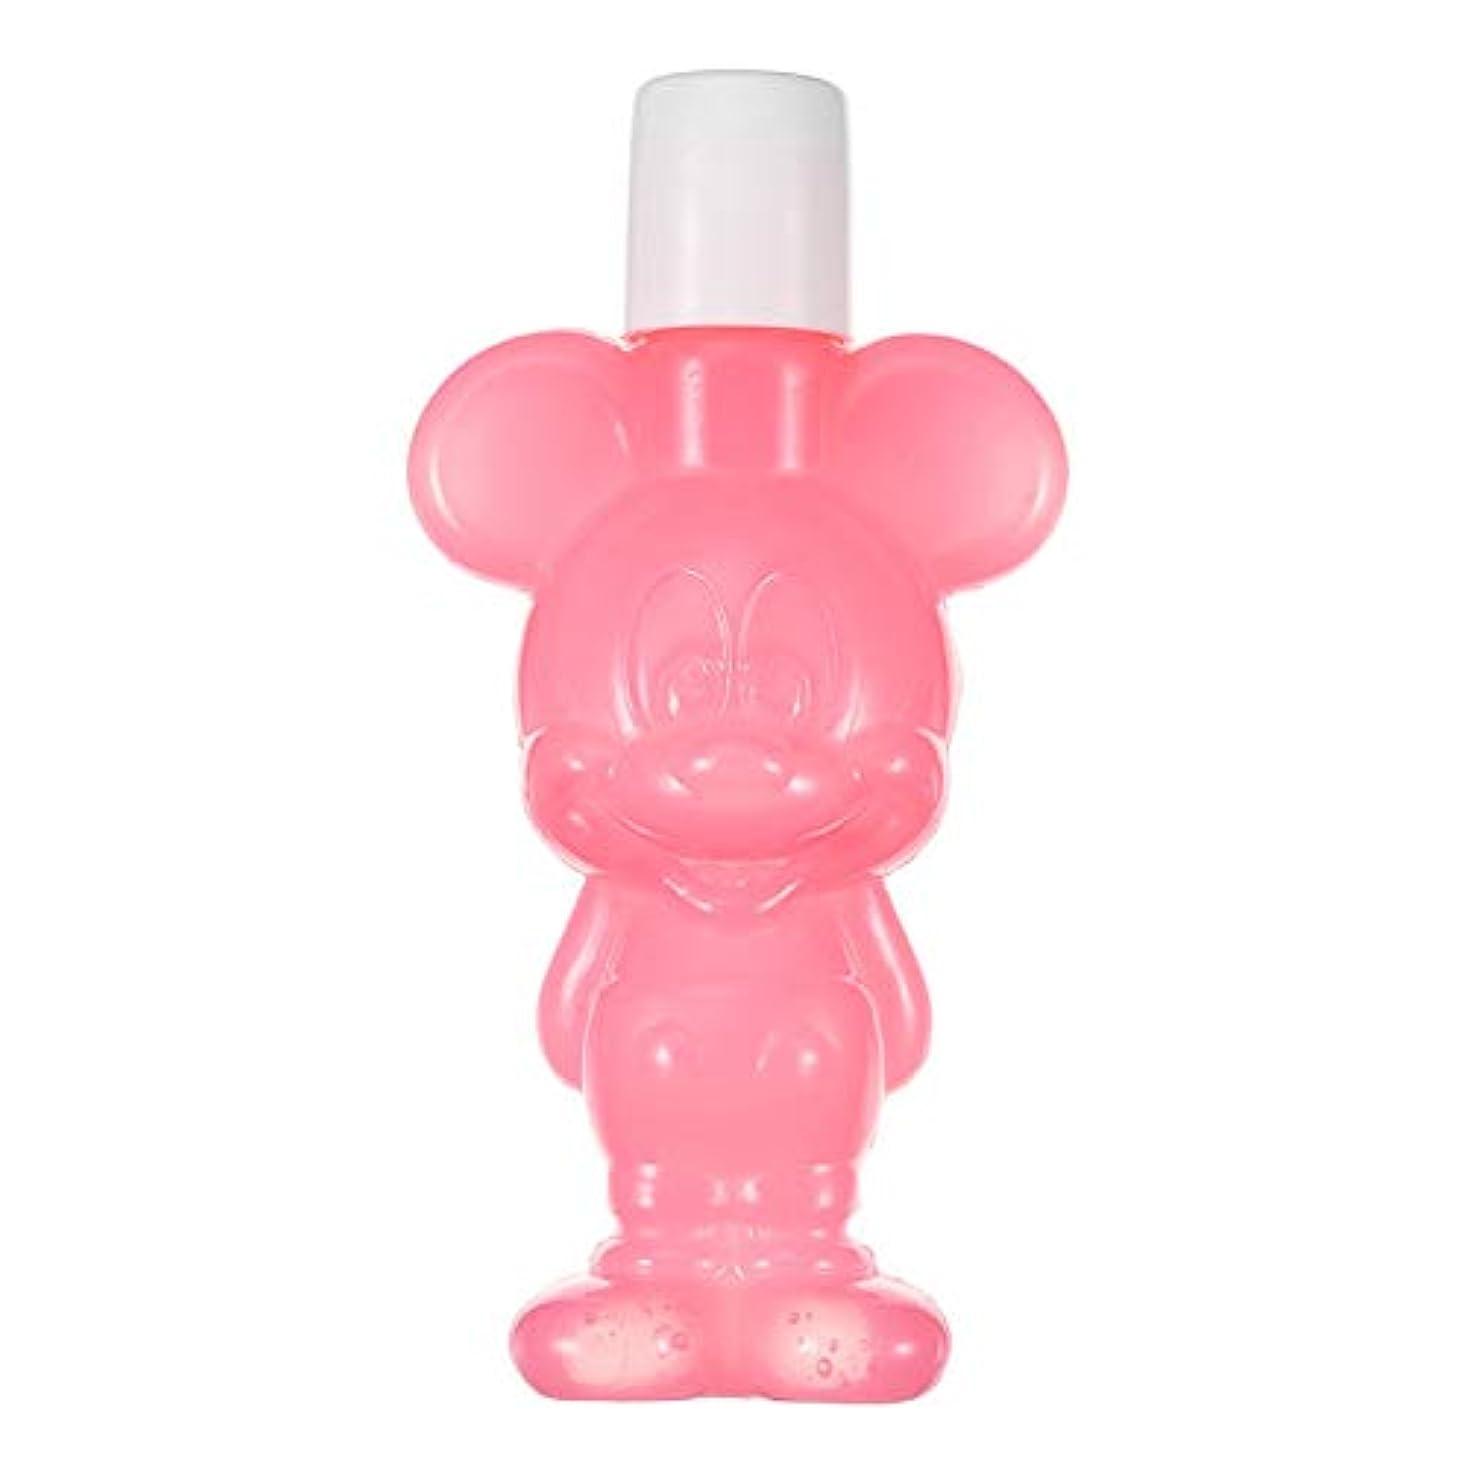 にはまって枯渇するディズニーストア(公式)保湿ジェル ミッキー ピンク Gummy Candy Cosme